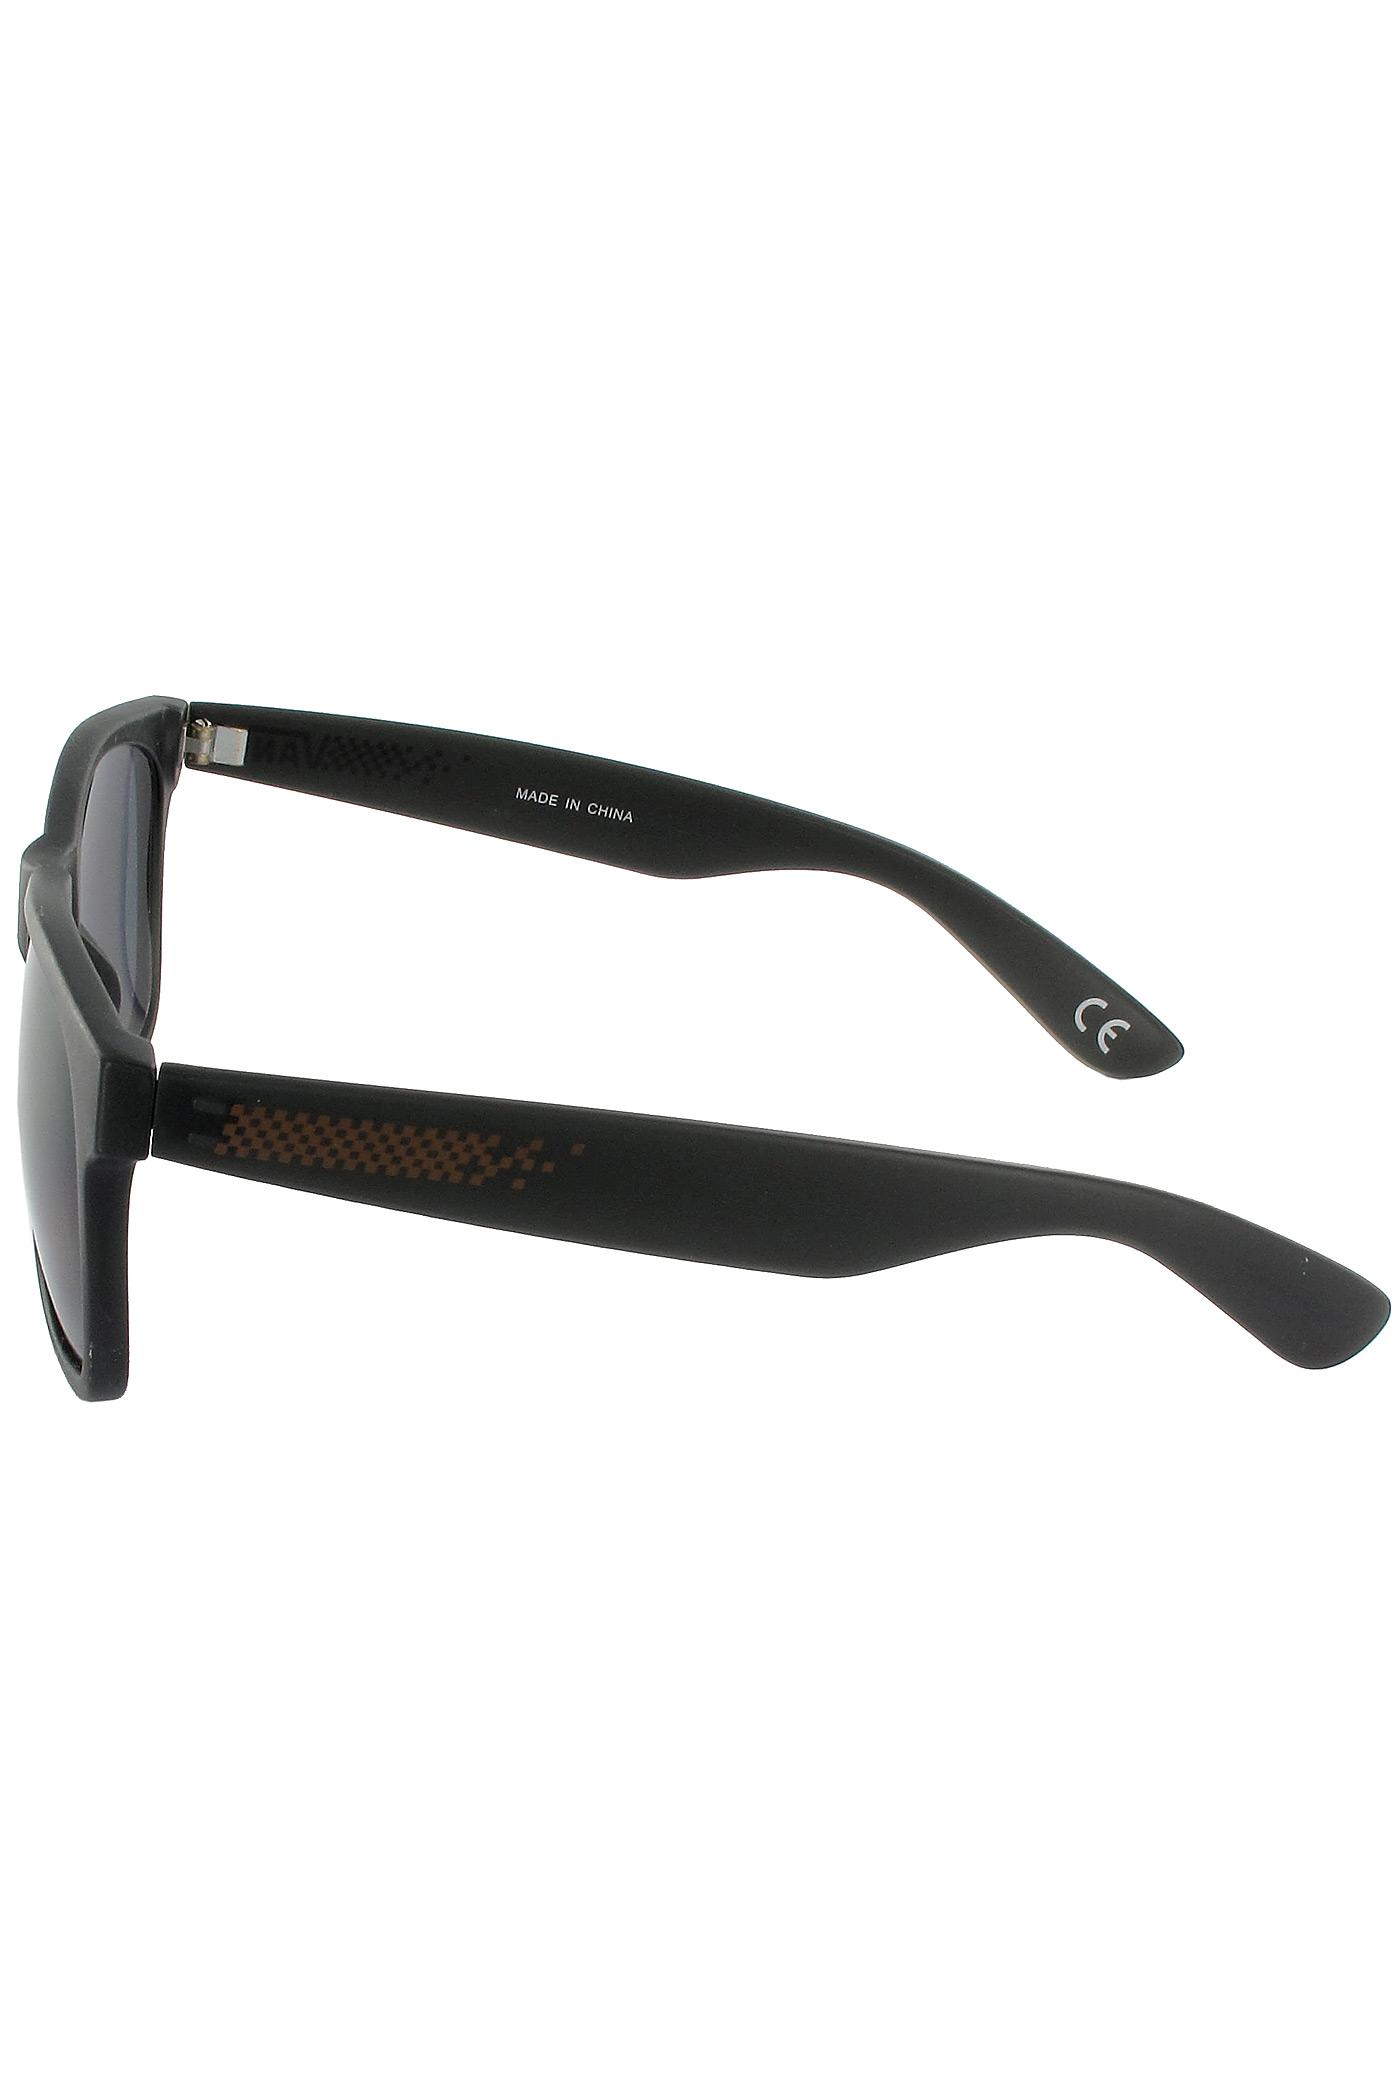 8224ec6b2eeca comprar gafas vans mujer Online   Hasta que 74% OFF descuento